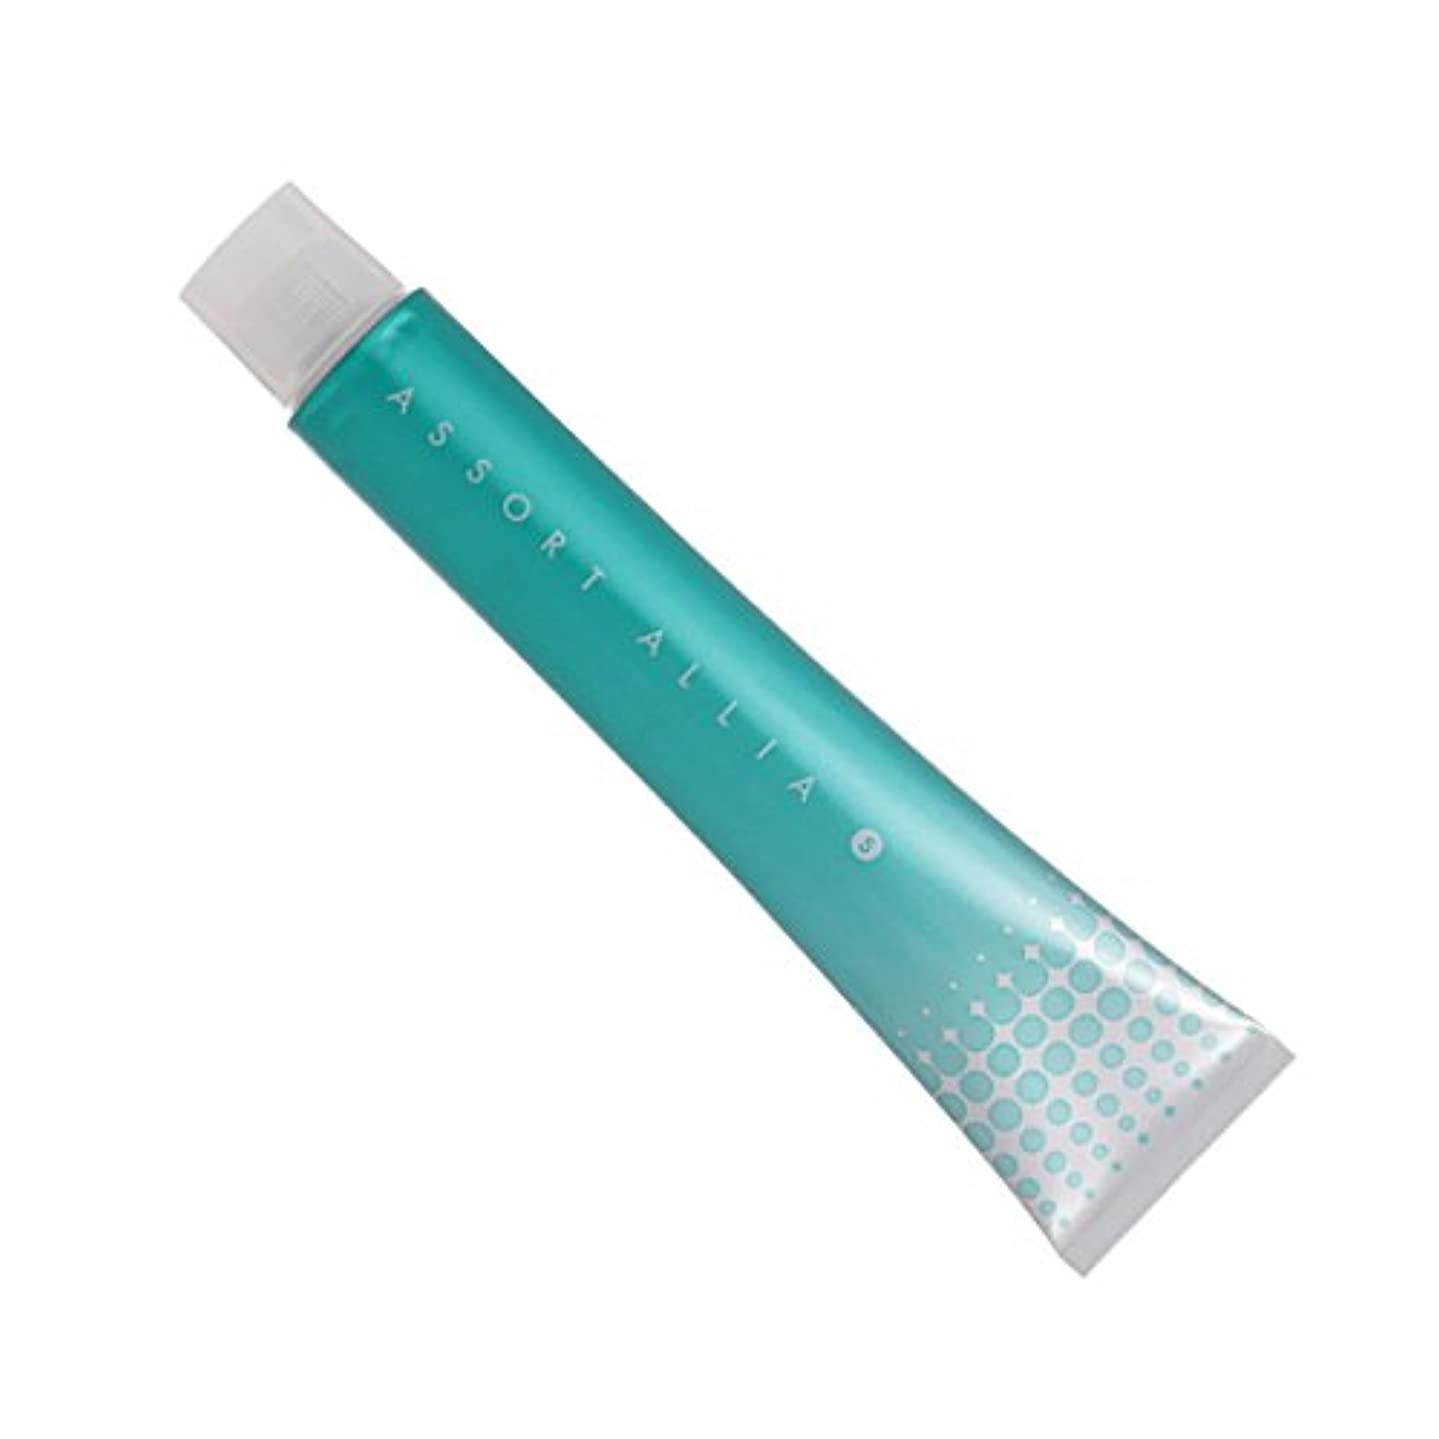 掃くこんにちはエスカレートデミ アソートアリアS キャメルベージュ 80g(カラー1剤) 12/11CaB